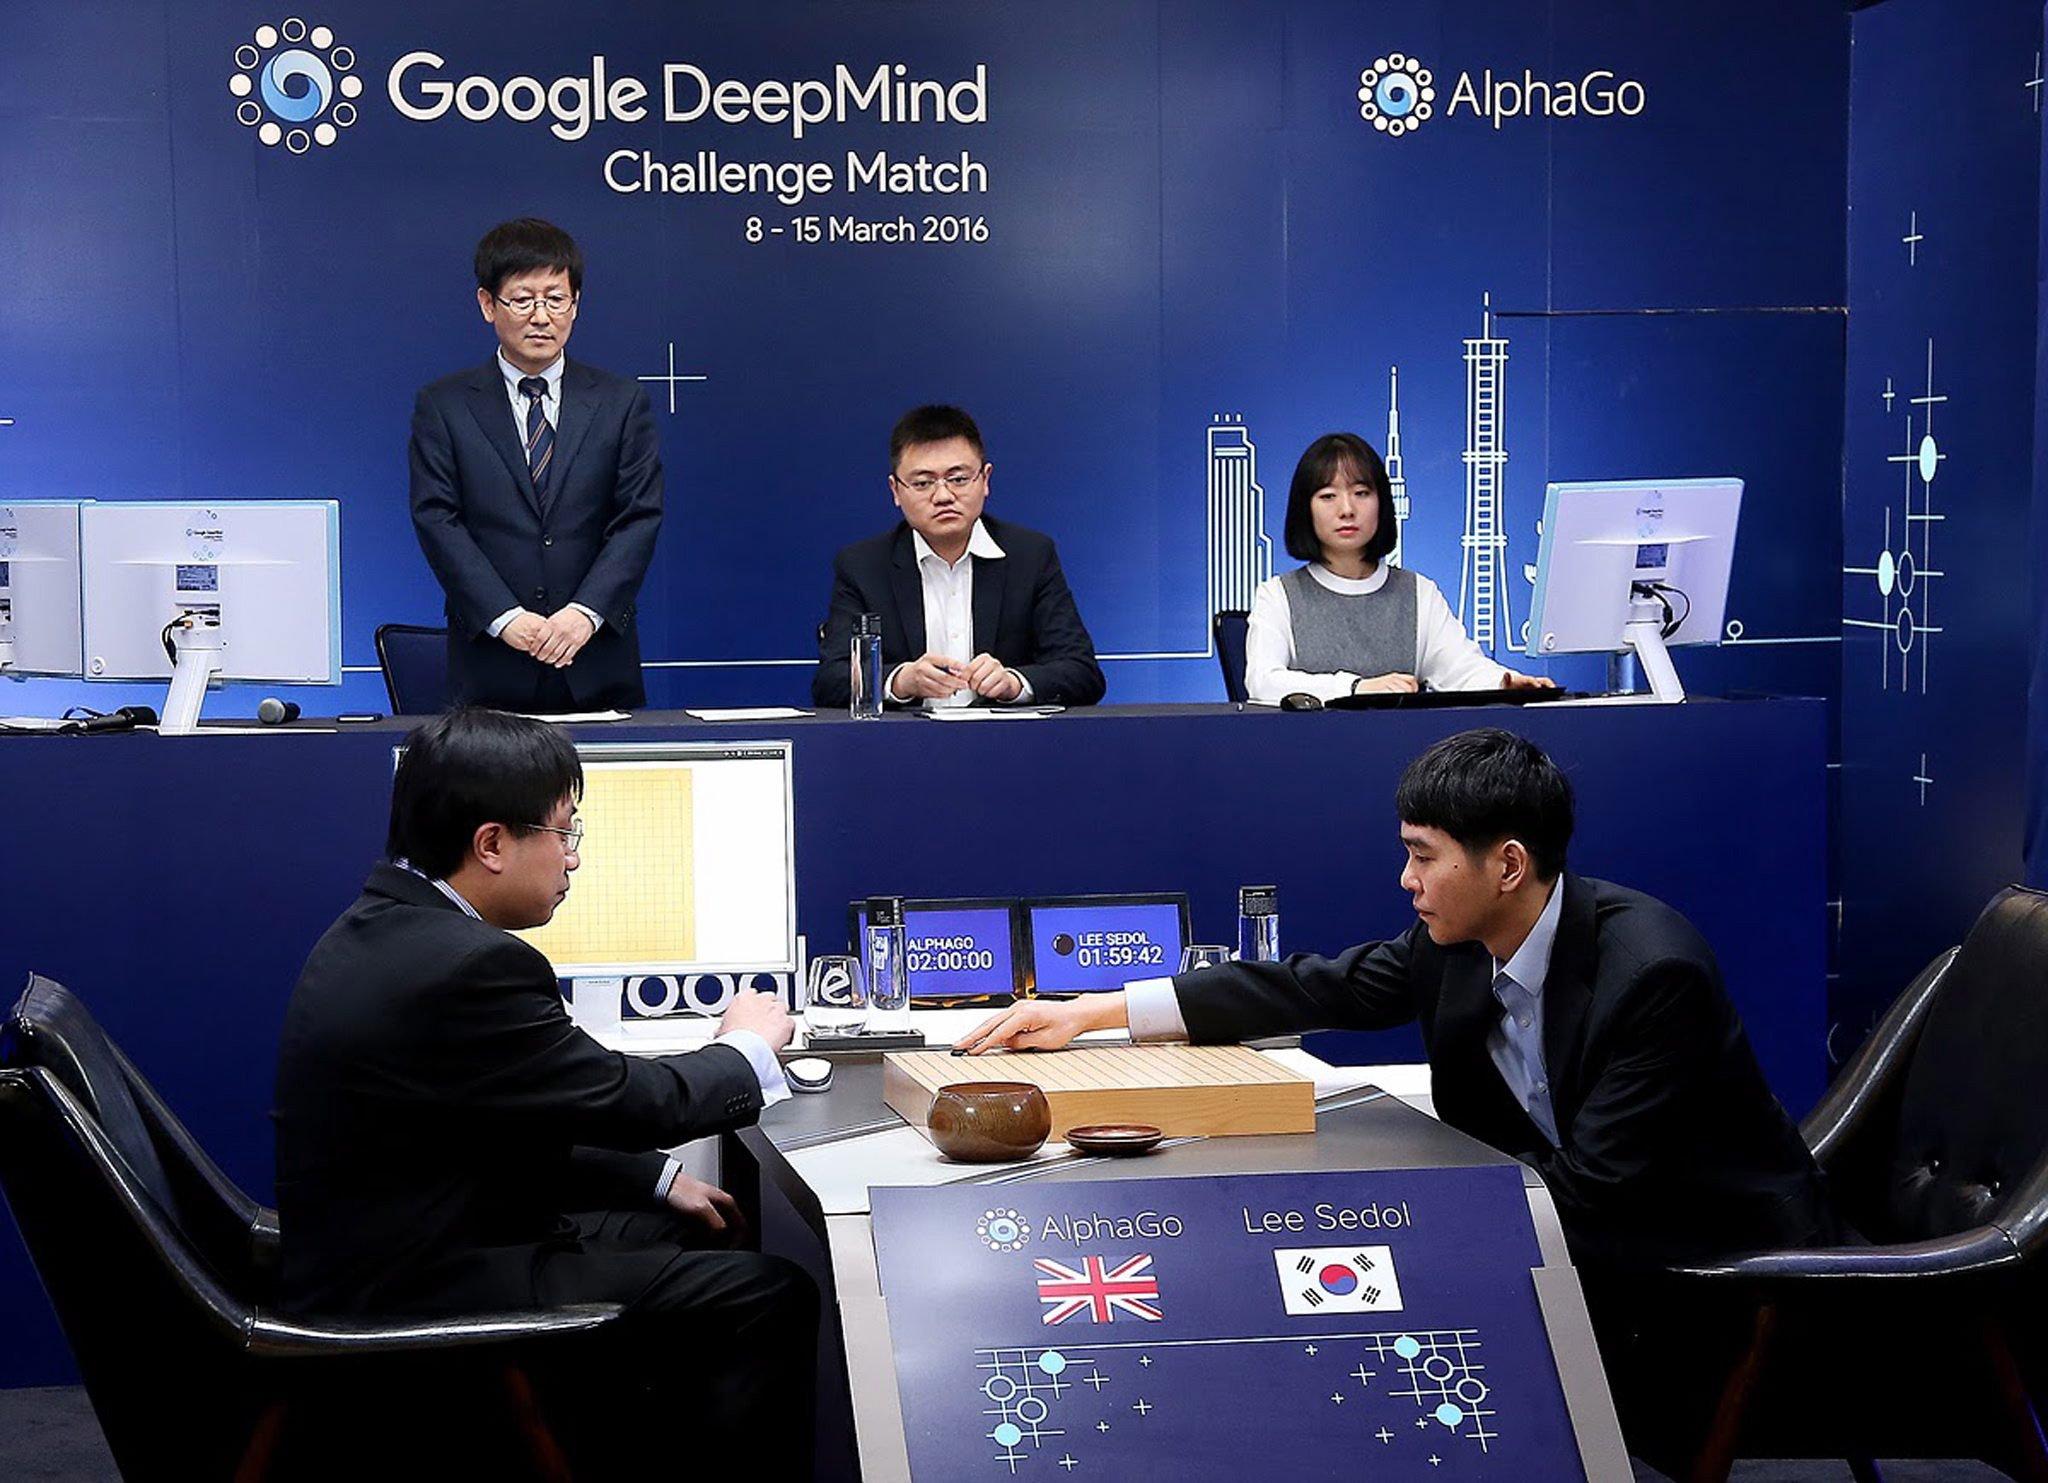 Da wähnte sich der weltbeste Go-Spieler Lee Sedol (re.) noch unbesiegbar. Das Foto zeigt den ersten Zug auf dem Brett bei seinem Duell gegen die von Google entwickelte Software AlphaGo.